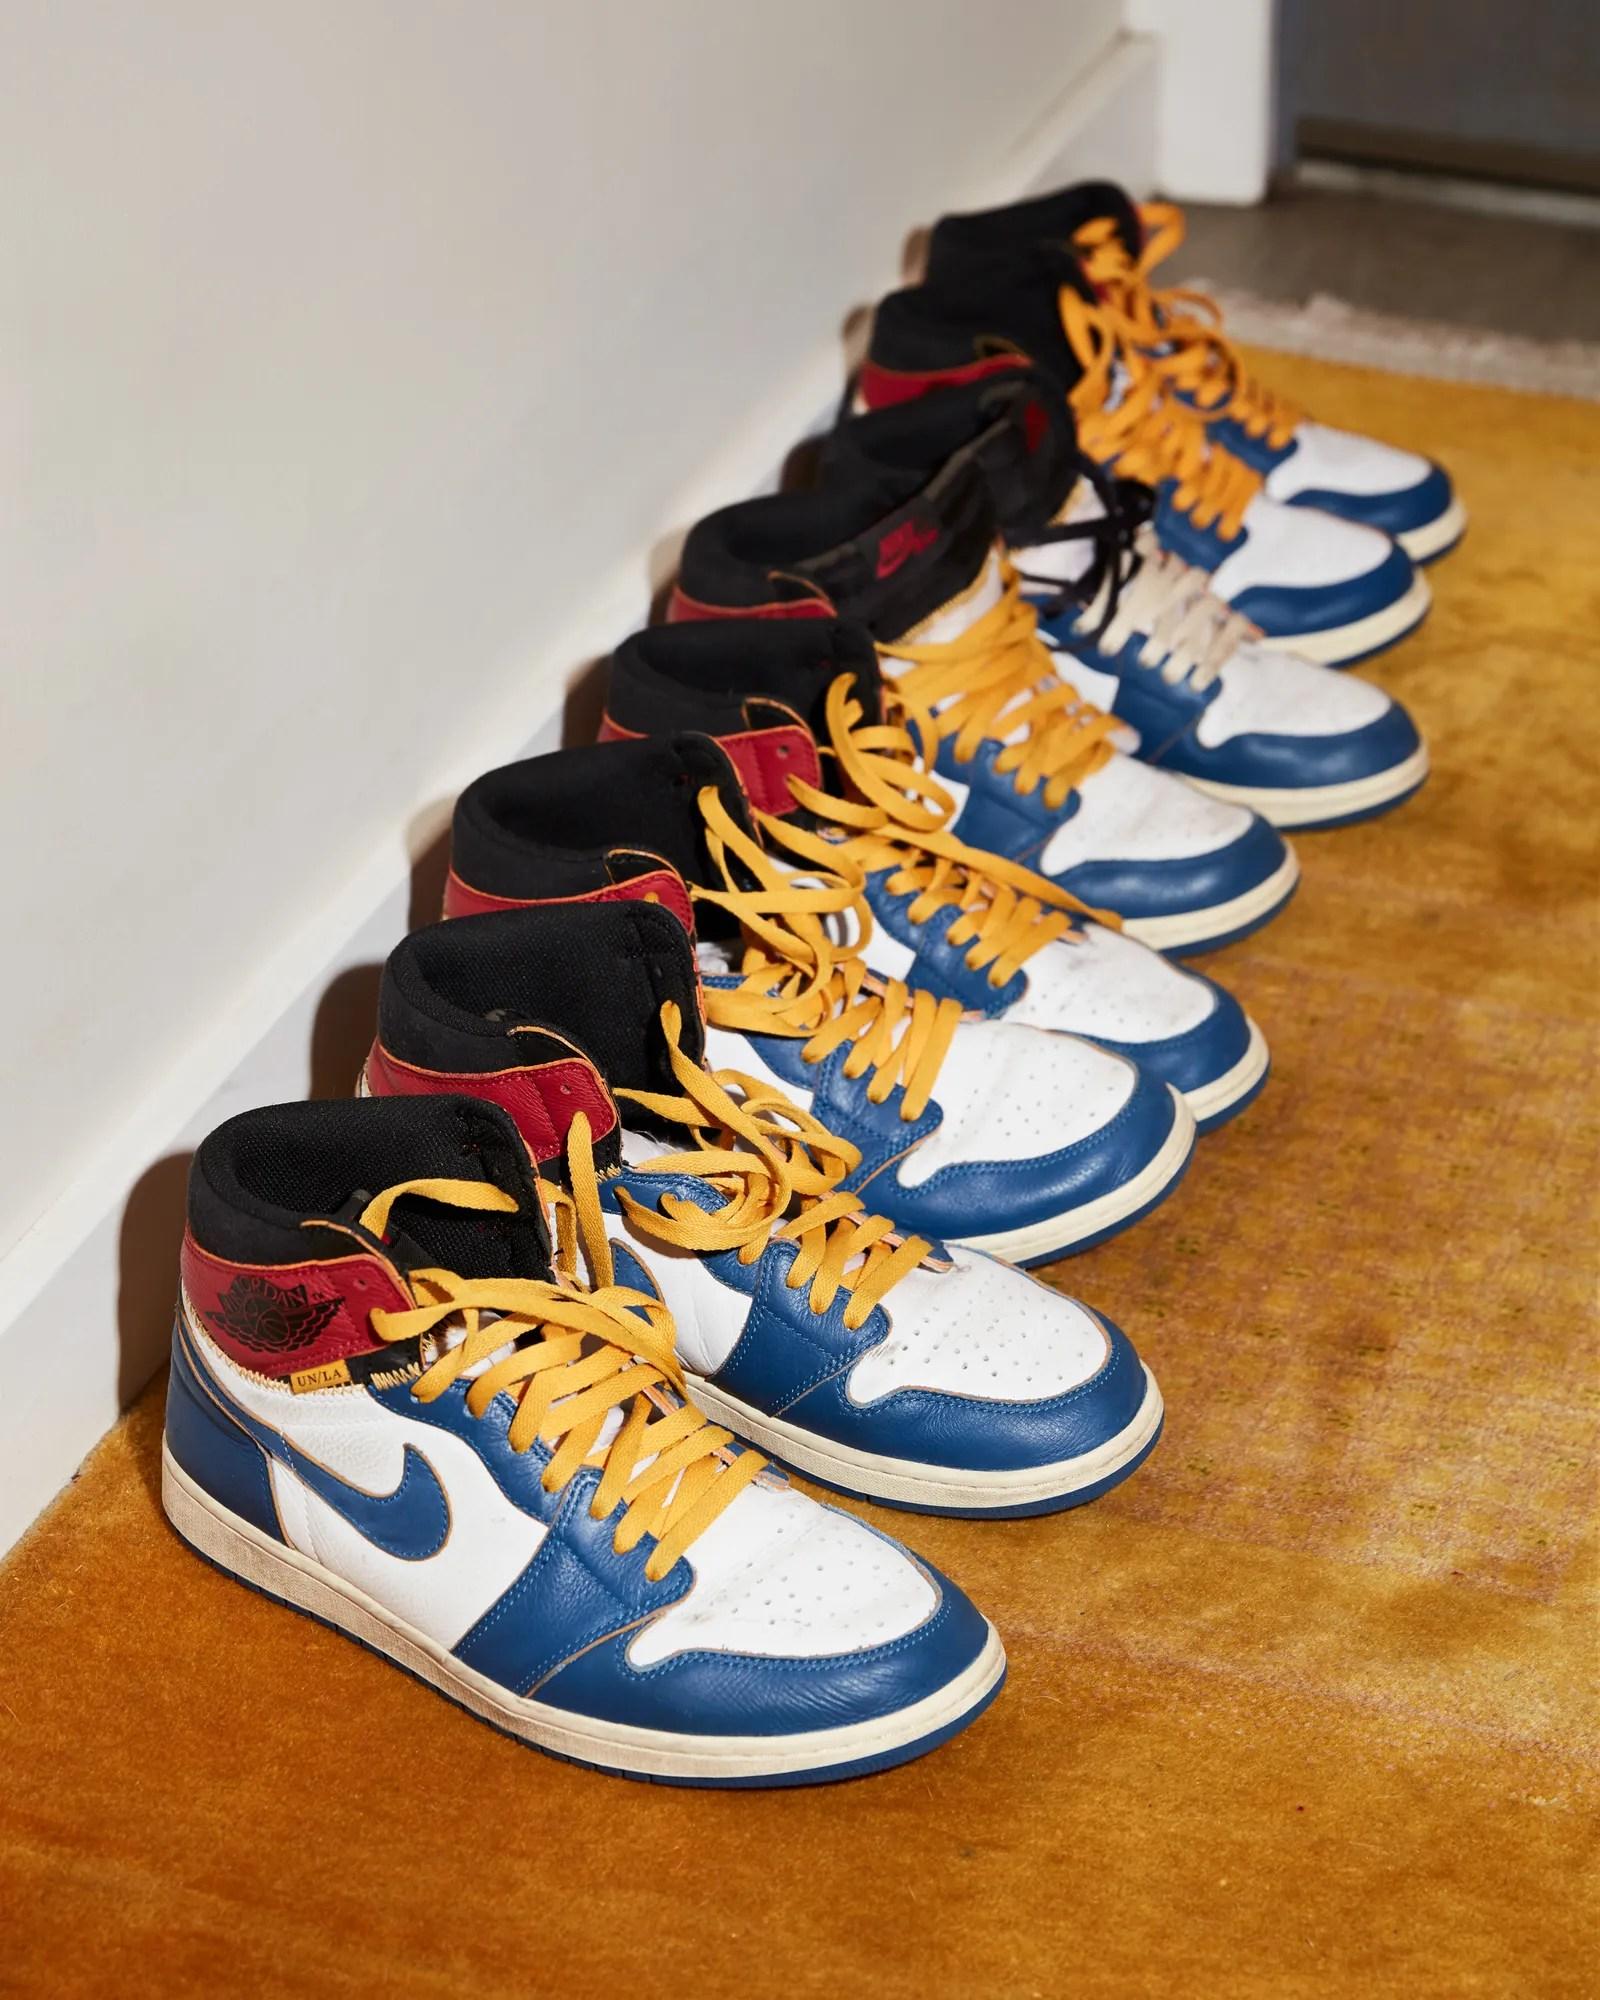 Shoes by Union x Jordan.